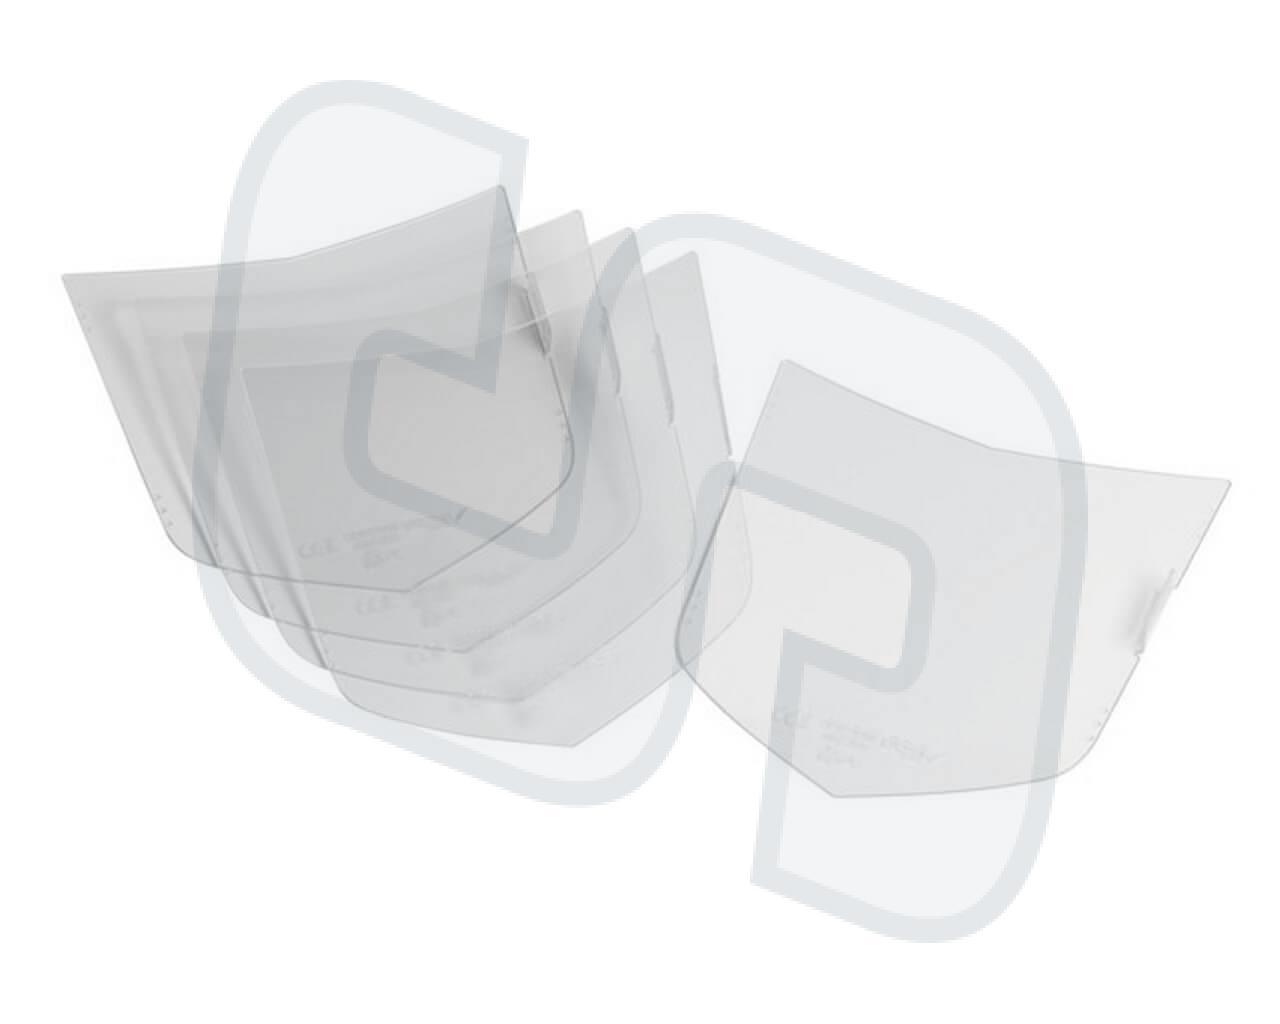 Vorsatzscheibe außen OPTREL P530, P550 5er-Pack